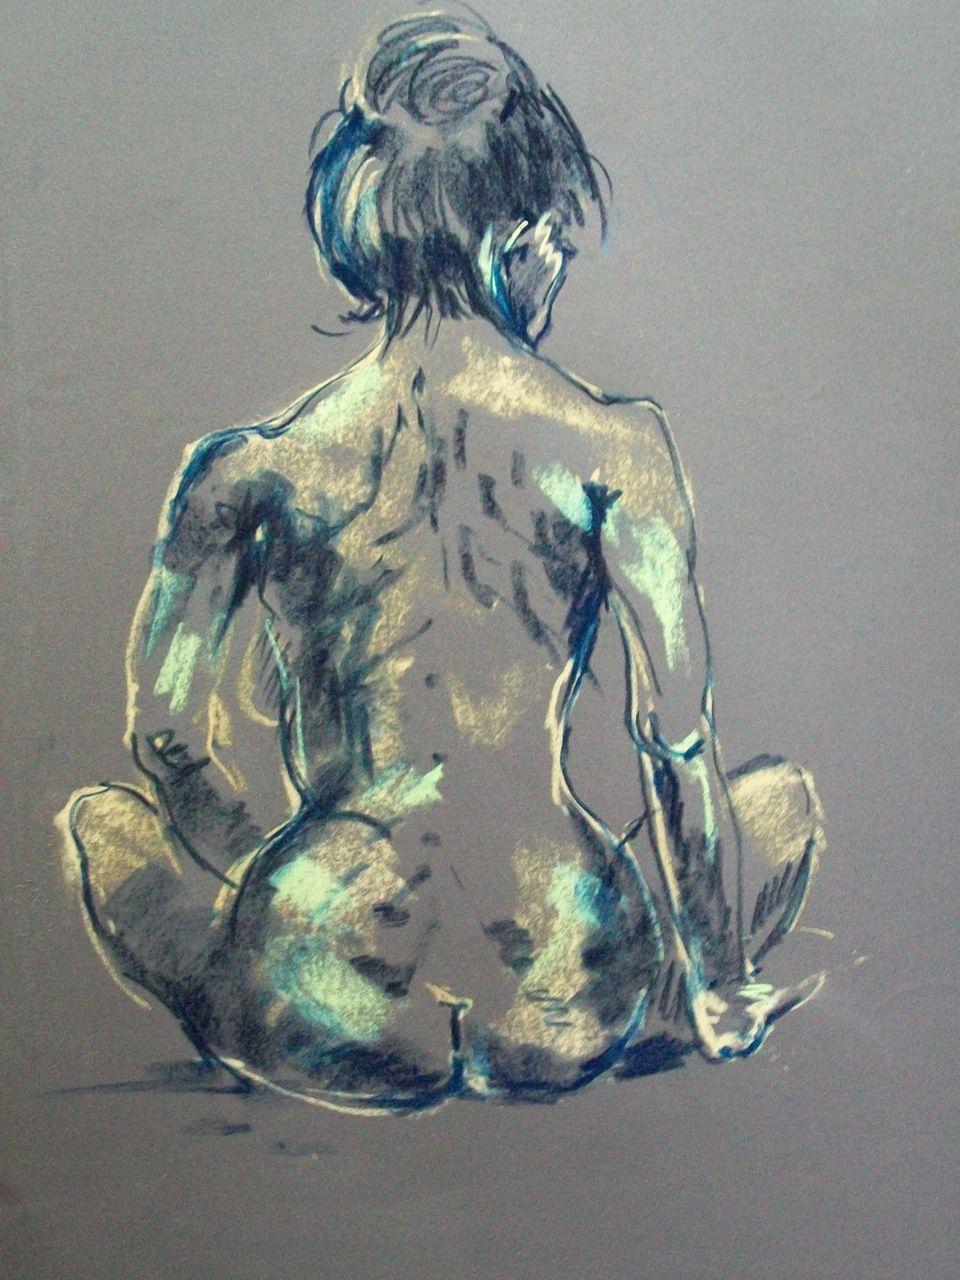 genevieve Bonnet-Cadith Nue de dos pastel sec sur papier peint gris 2017